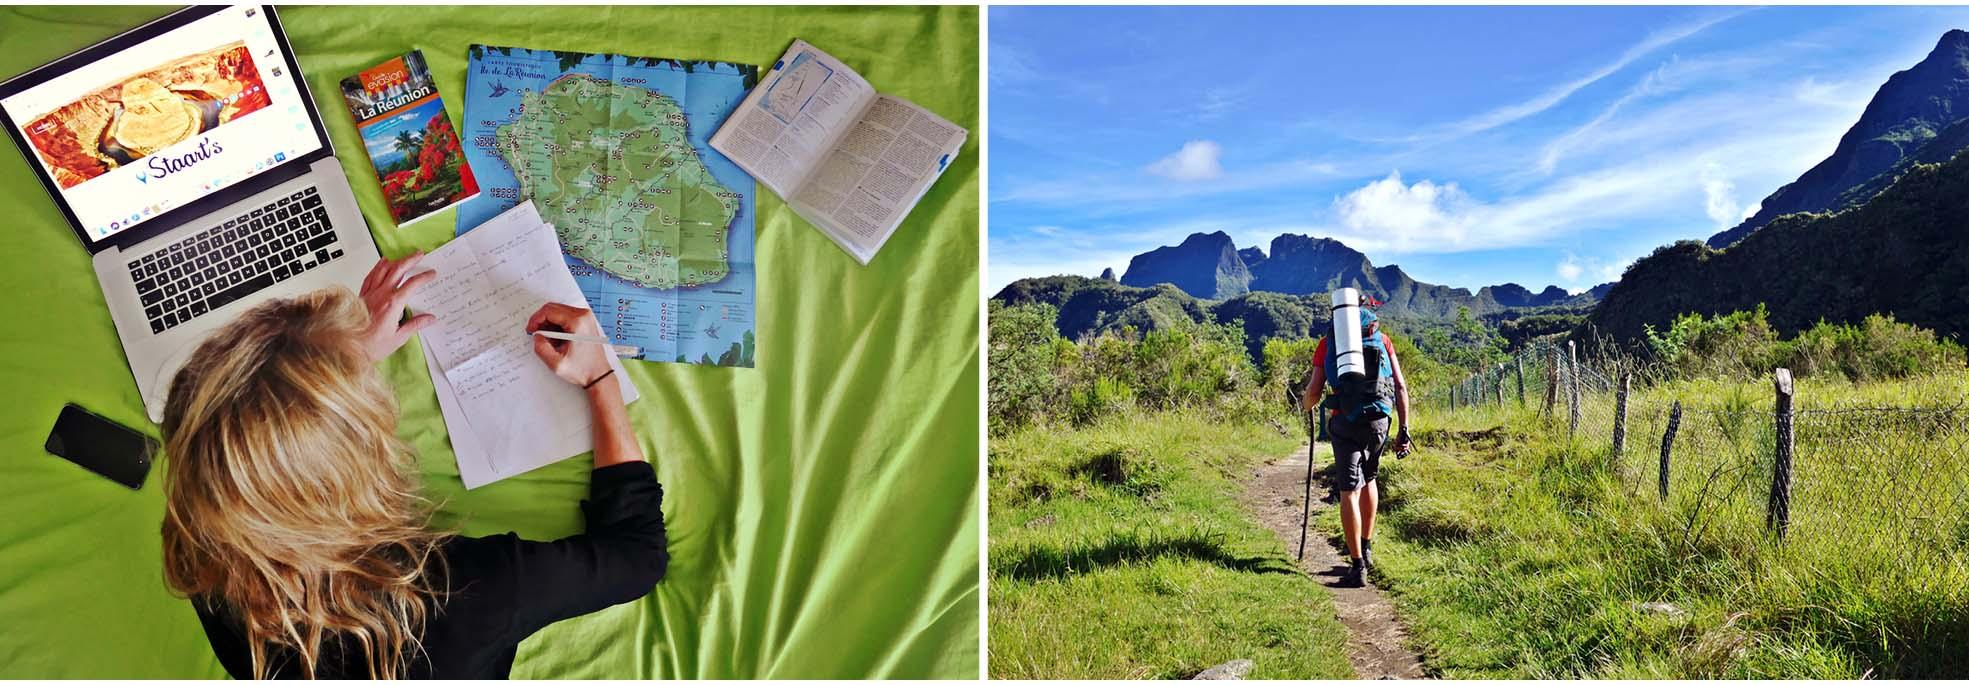 la réunion, la reunion, île, ile, randonnées, randonnées, marche, trek, montagne, nature, sac à dos, cirque, mafate, salazie, cilaos